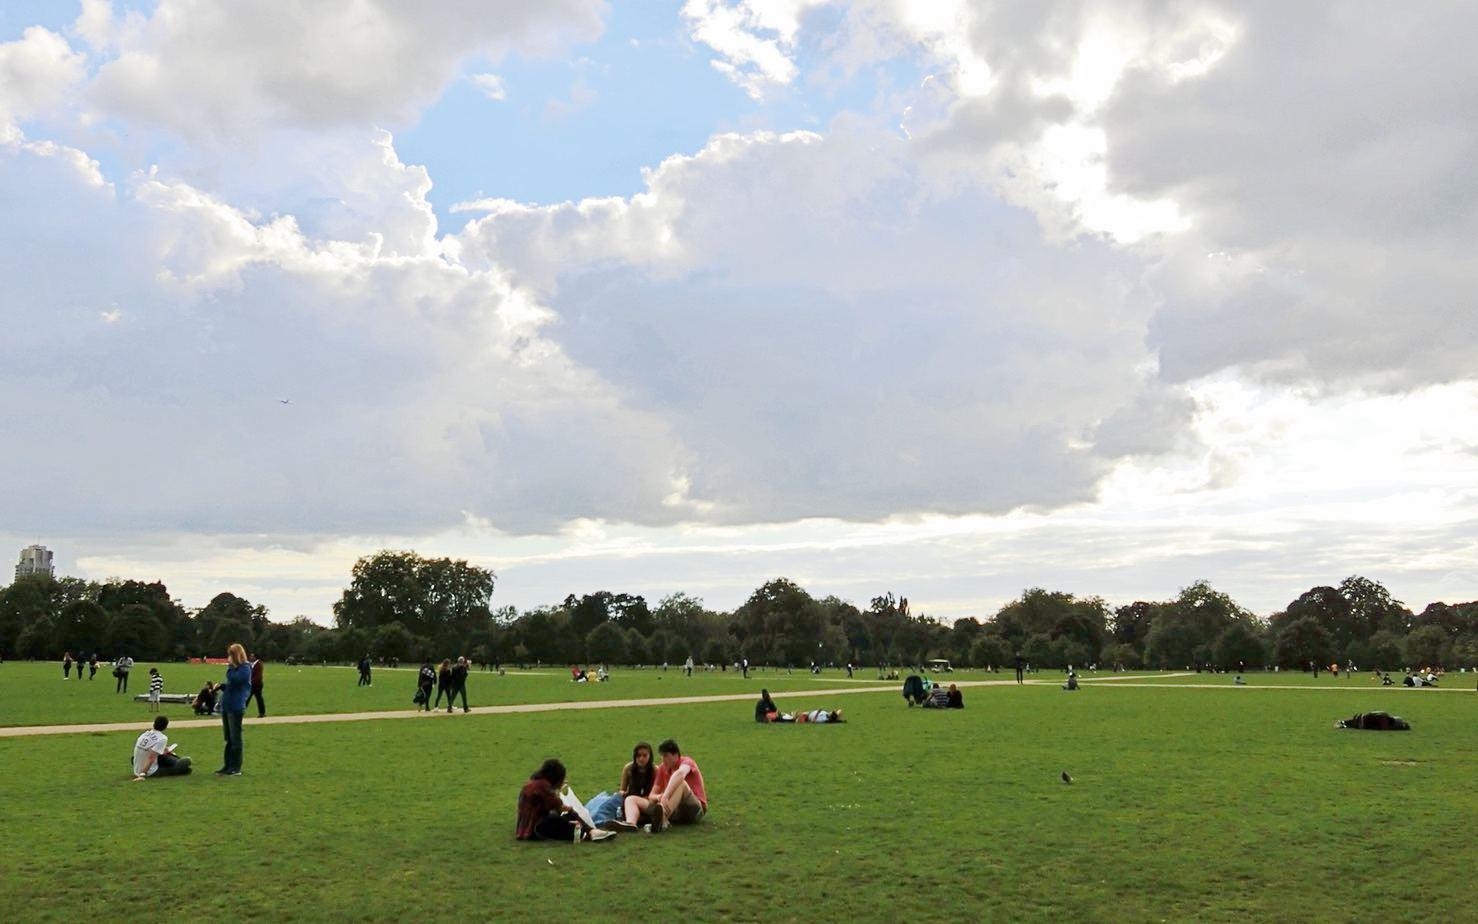 英國自由行, 倫敦自由行, 倫敦景點, 倫敦自助旅行, 英國旅遊, 大笨鐘, 大英播物館, 倫敦必去